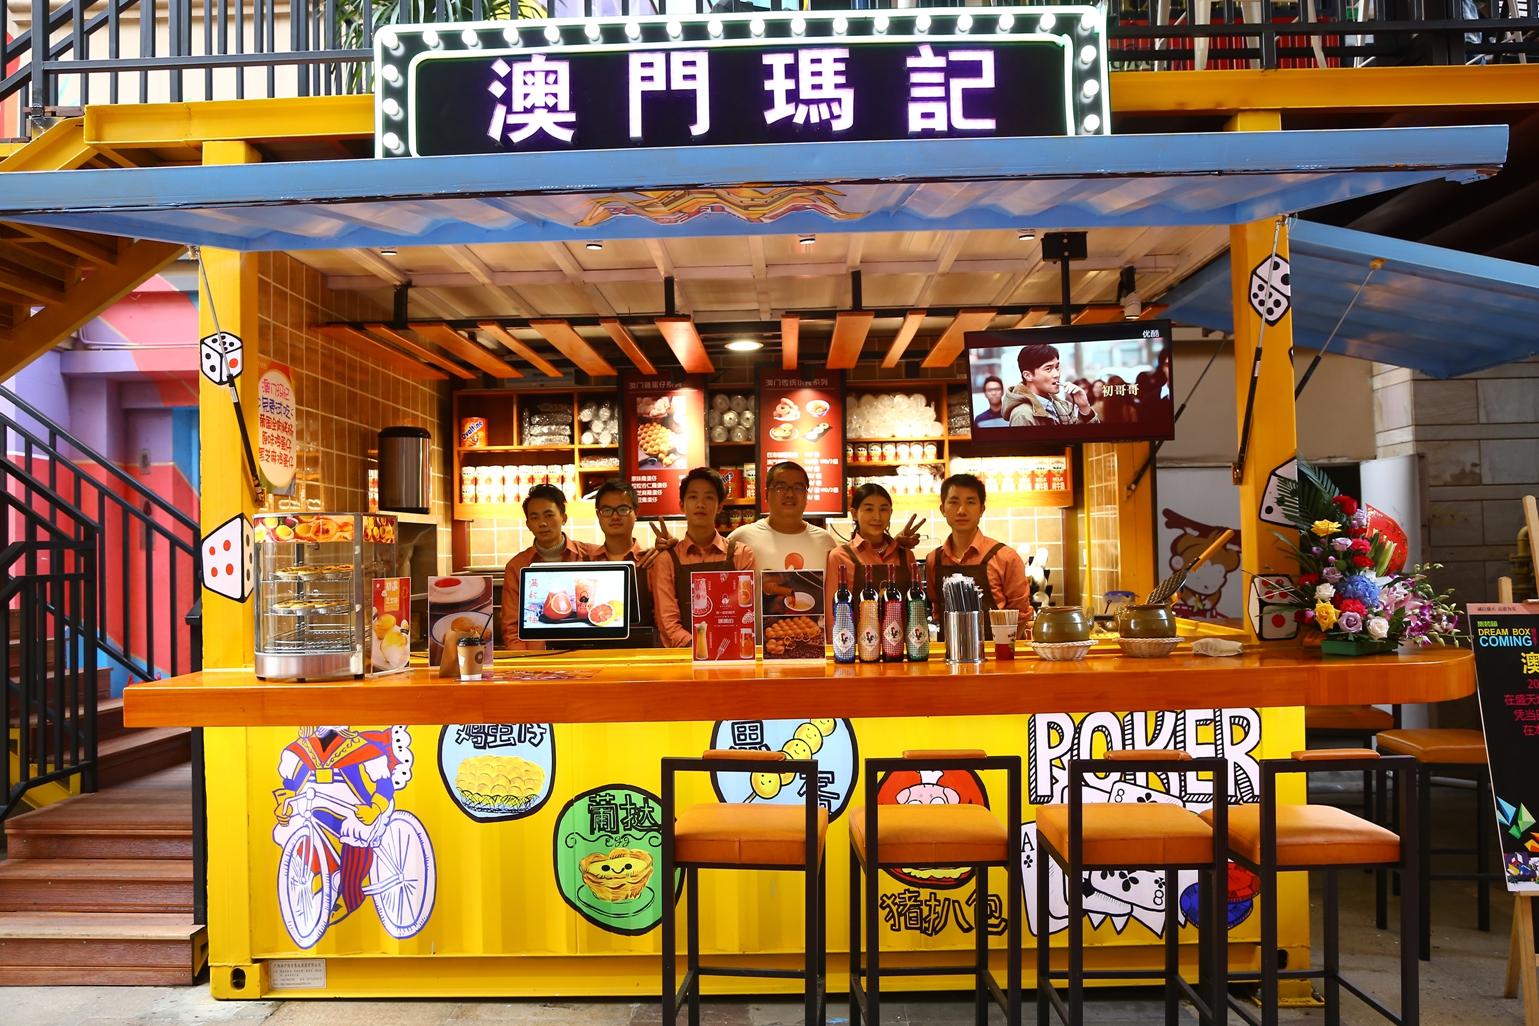 东南亚潮人美食街Dream Box在vinbet浩博地正式开街,近百人围观